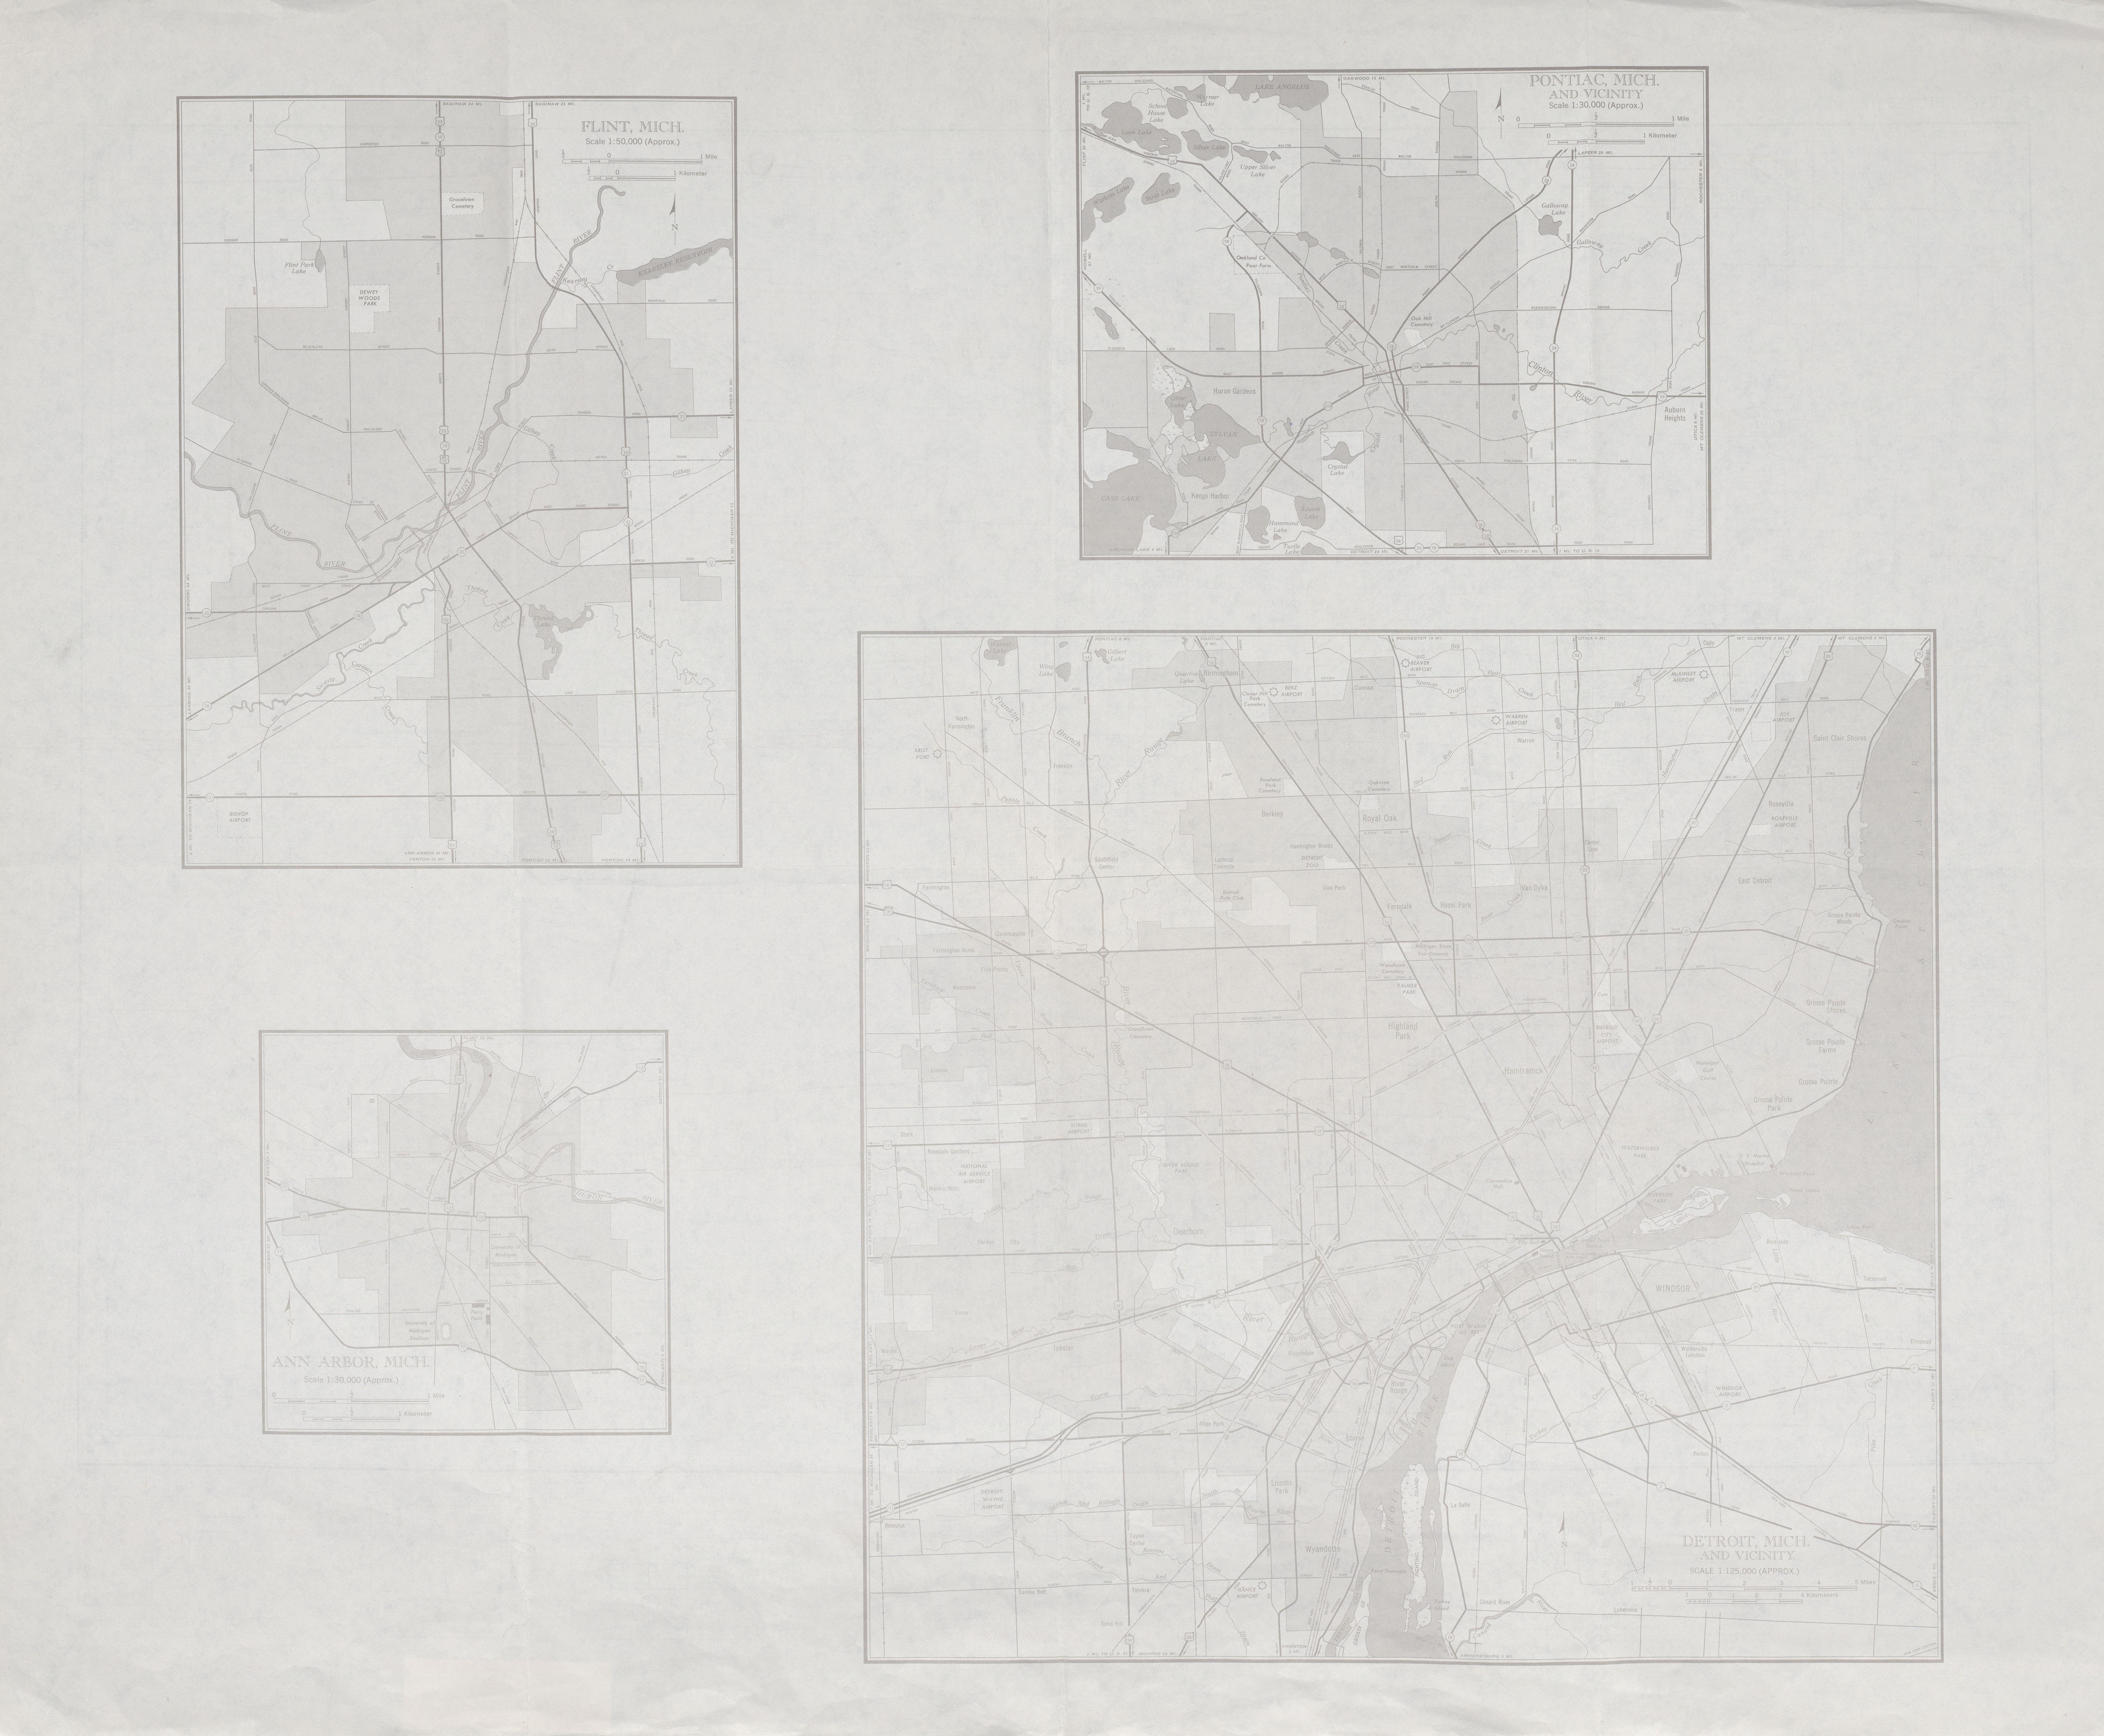 Maps Us Map Detroit - Detroit on us map